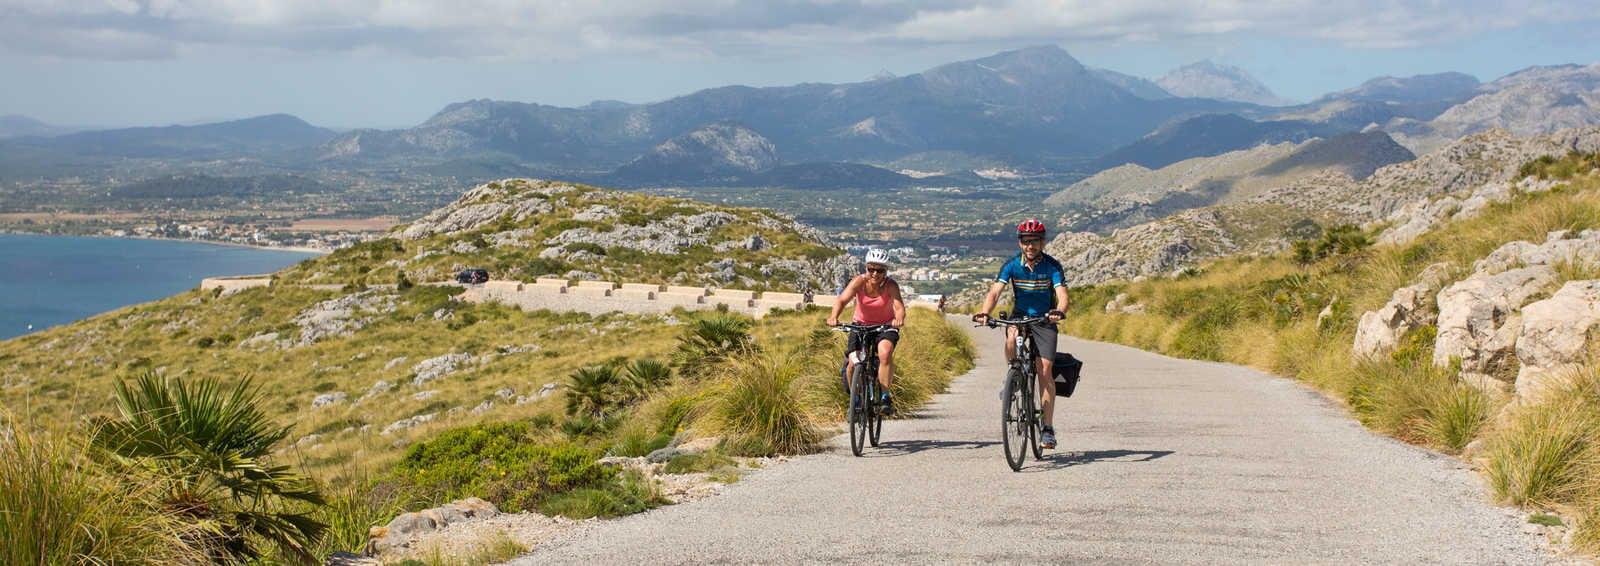 Cycling towards the Talaia d'Albercutx, Mallorca